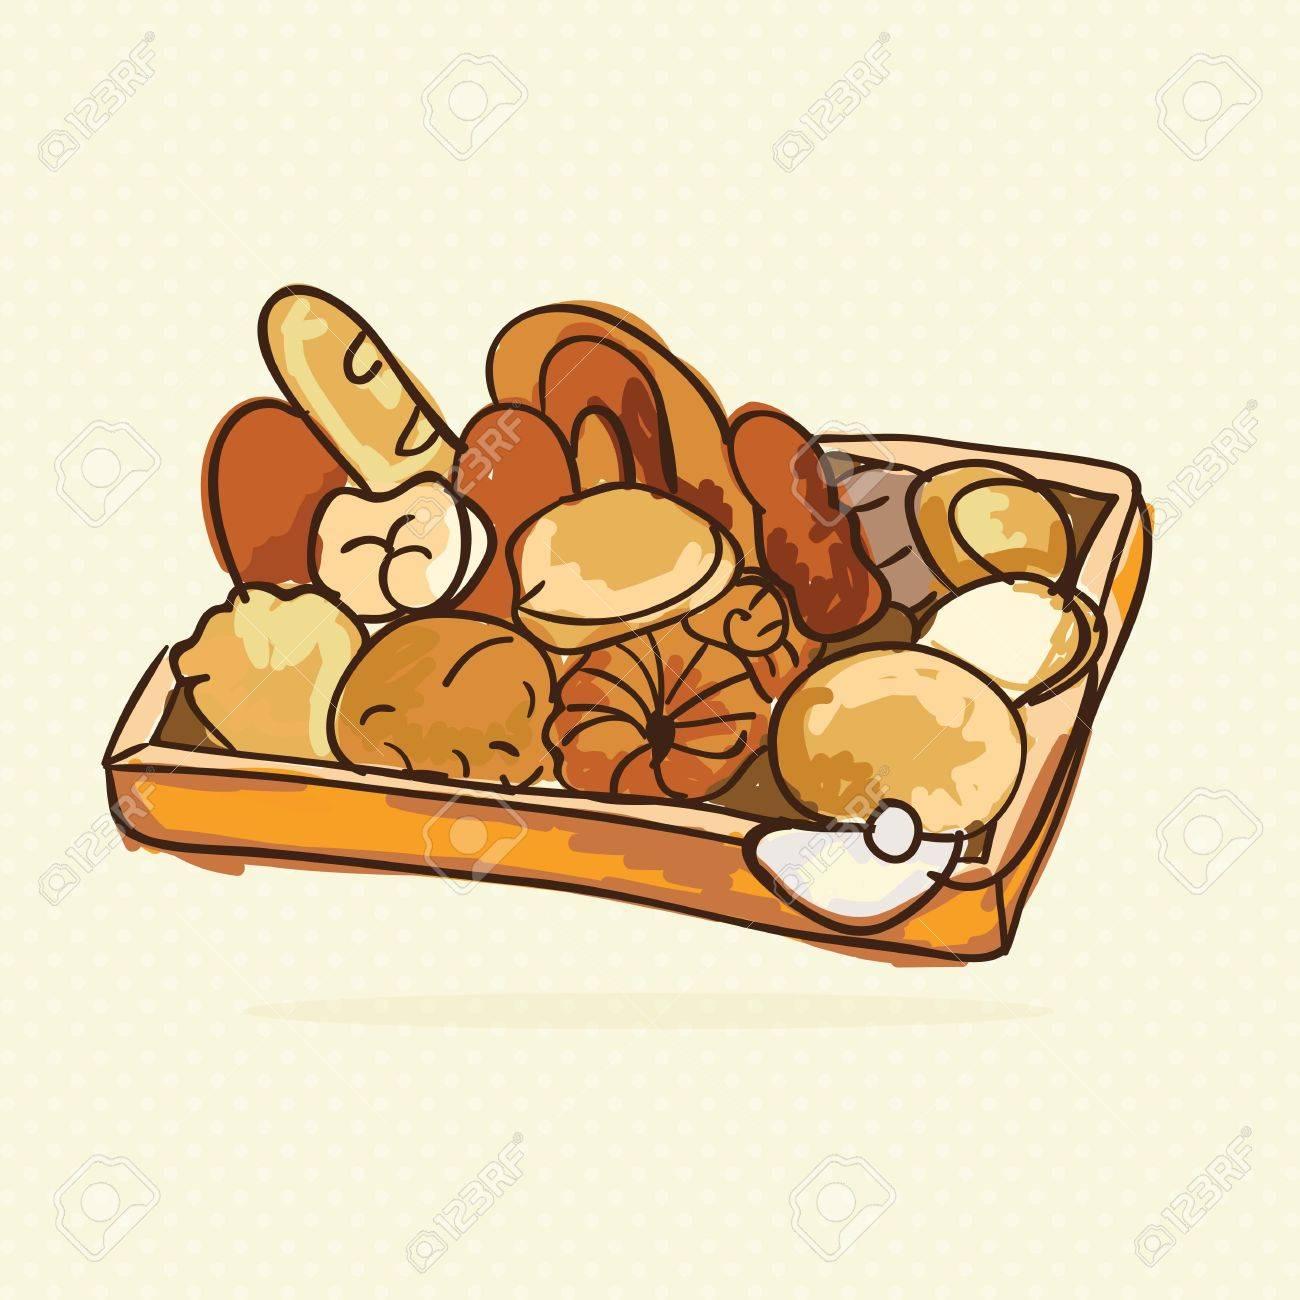 ベージュ背景 コレクション セット のアイコンをパン屋さんベクトル